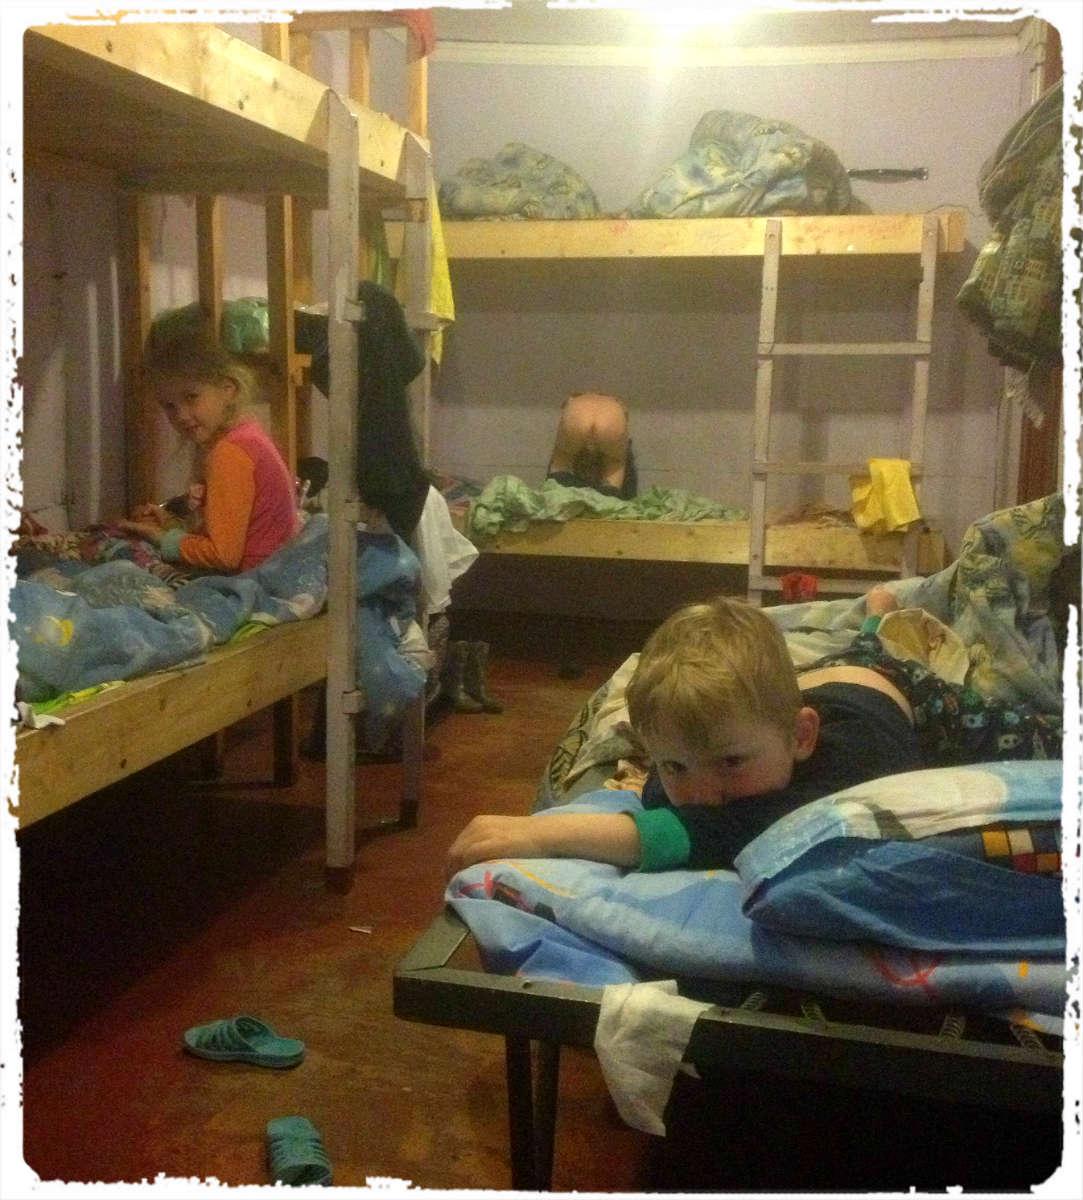 После непродолжительных колебаний малый совет мам и бабушек постановил – детей отпустить.